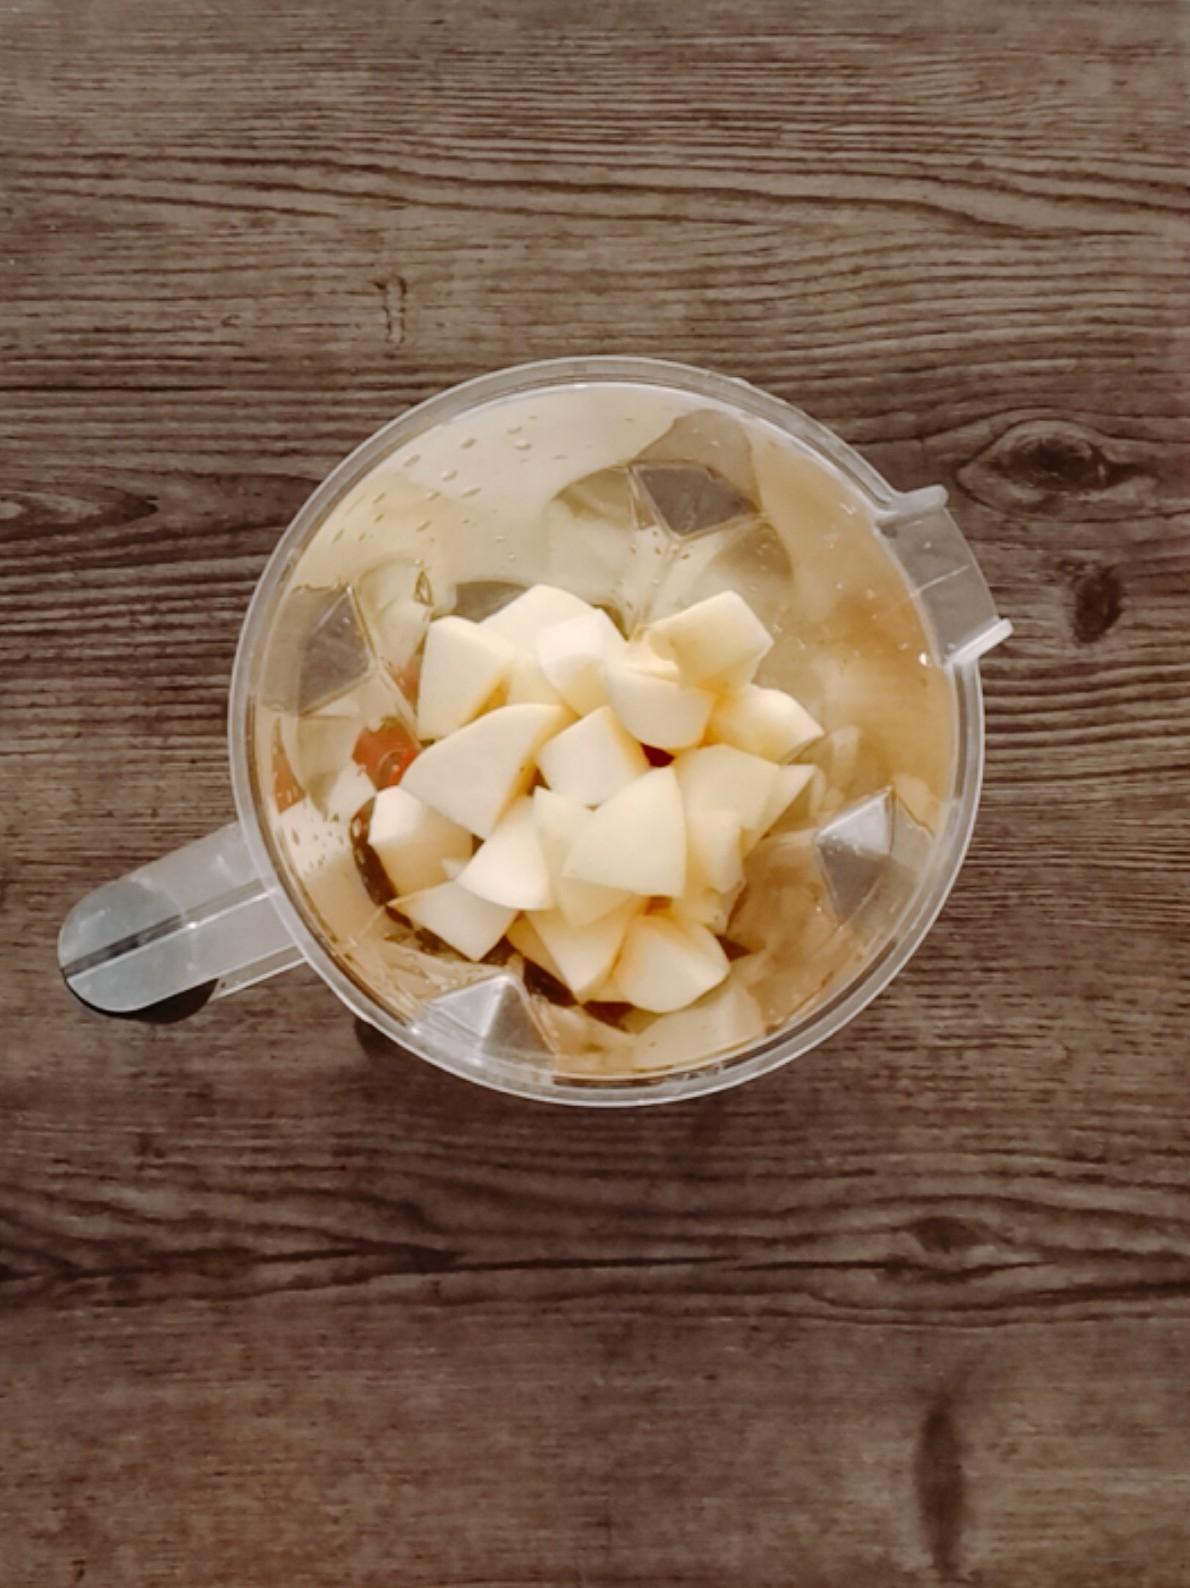 苹果香蕉胡萝卜汁的简单做法